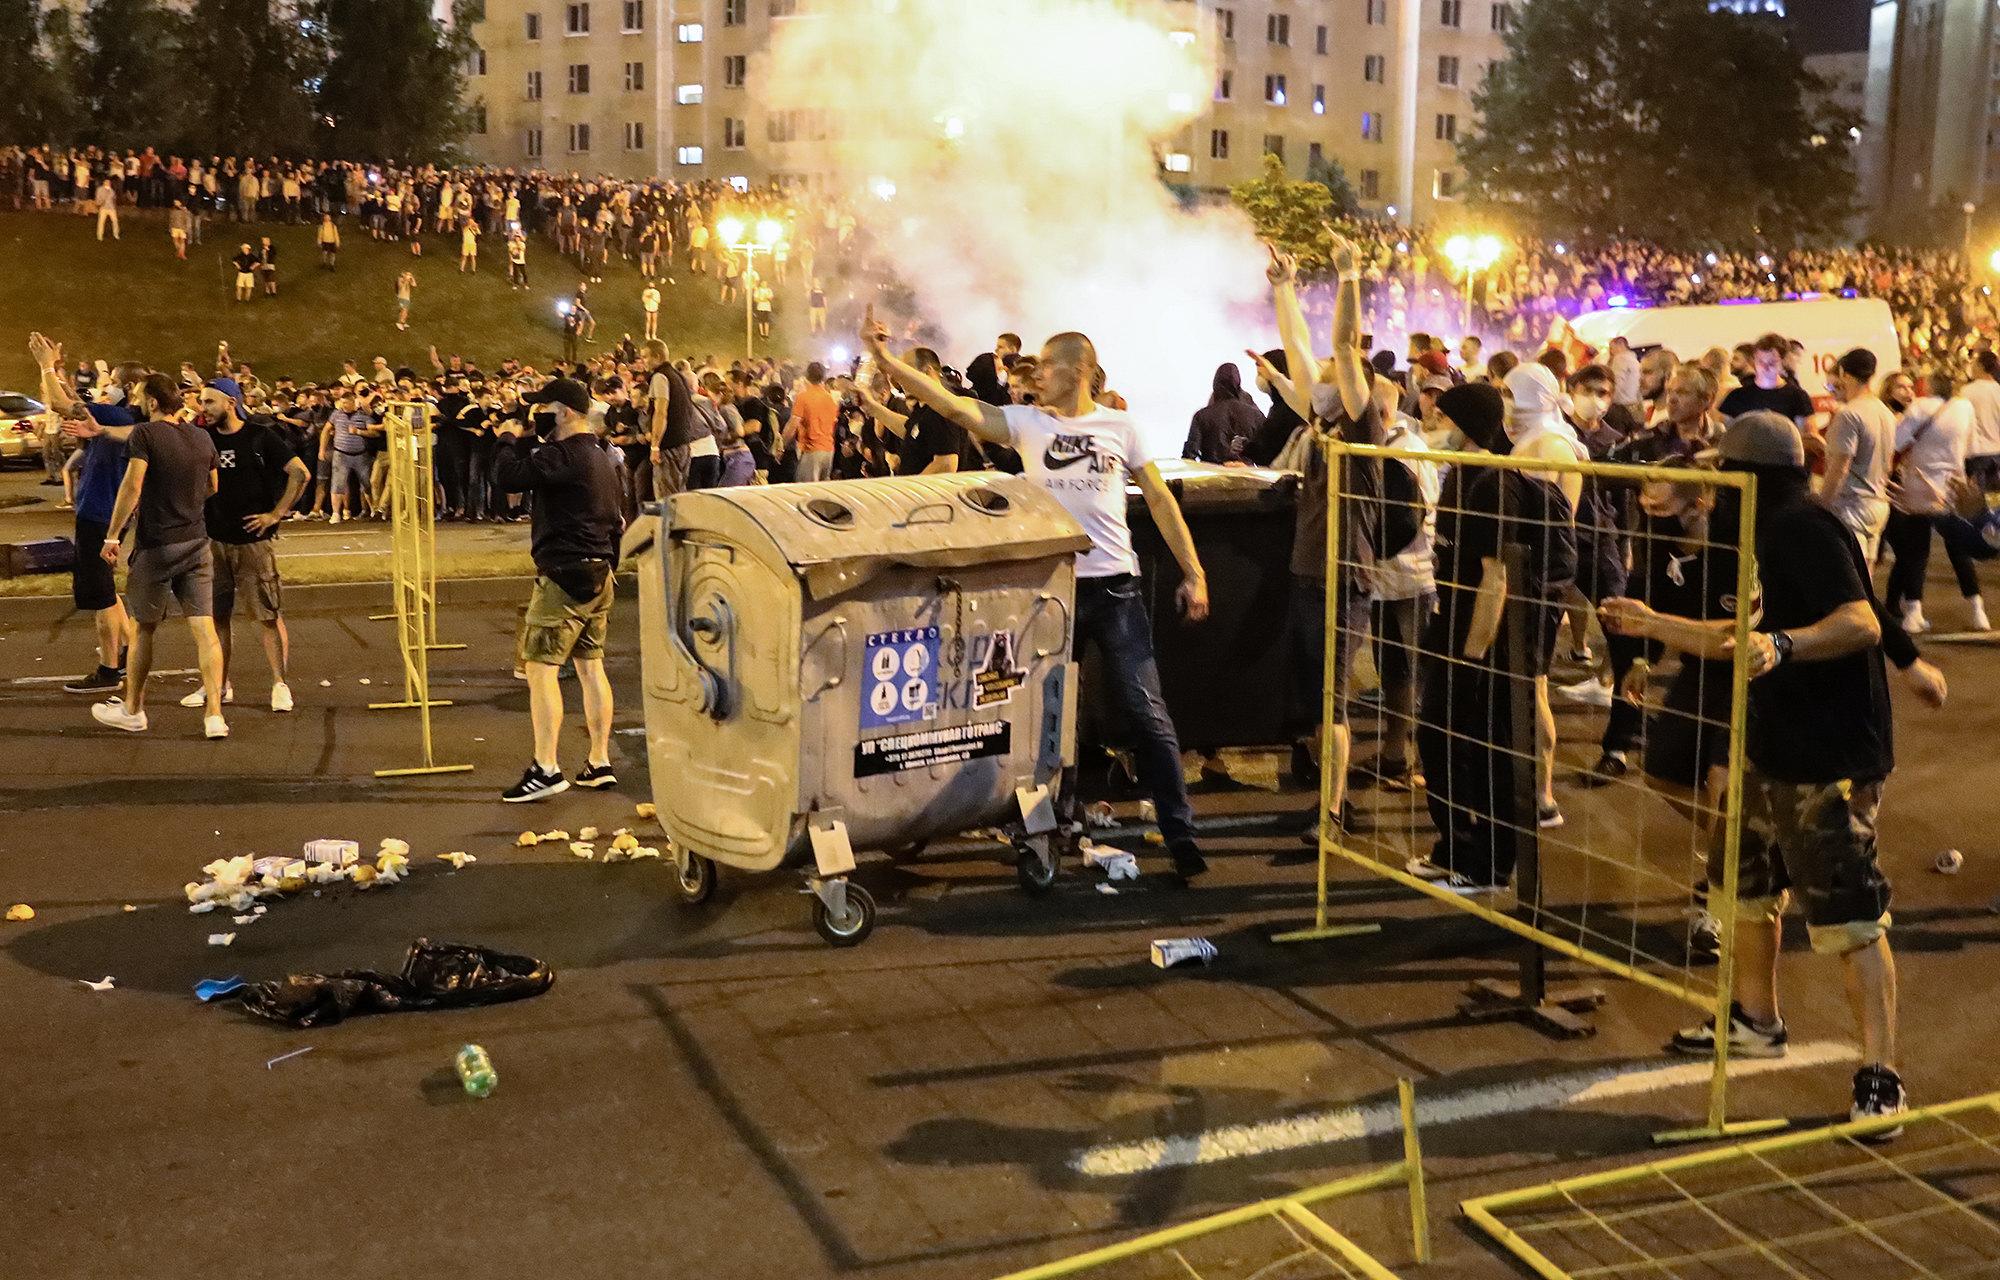 Баррикады измусорных баков, которые построили протестующие вночь на10 августа вМинске, Беларусь